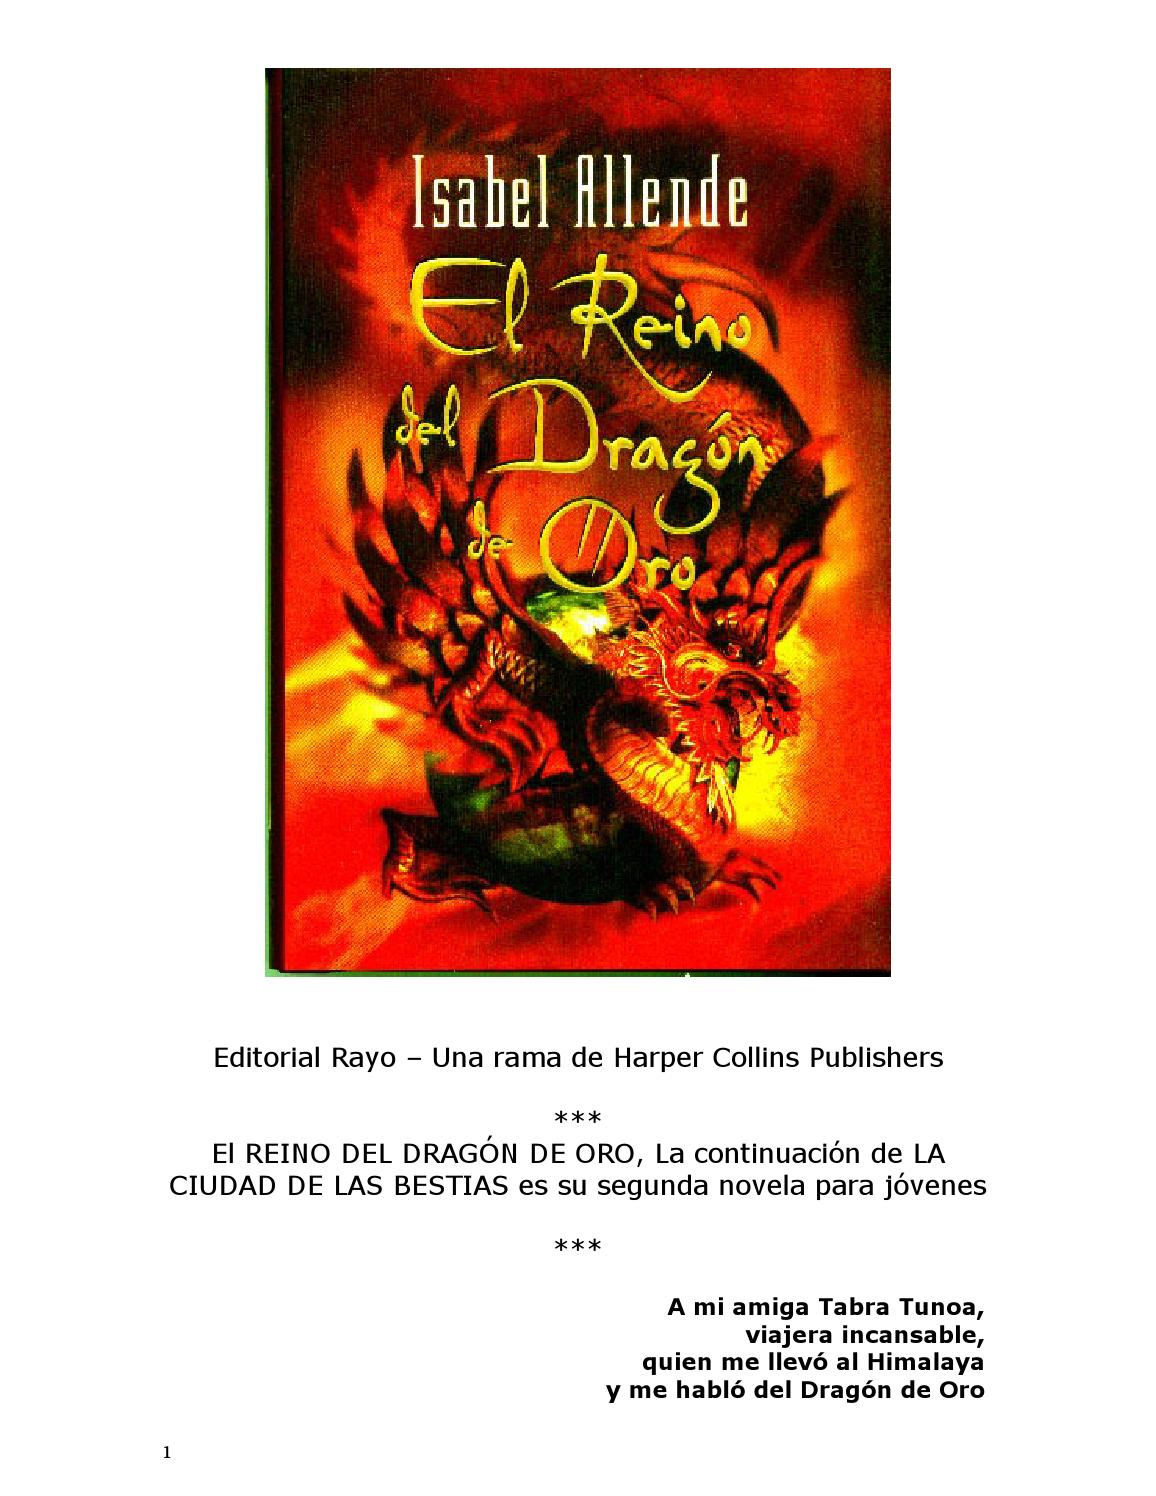 Allende%2c isabel el reino del dragon de oro by Carlos cardenas - issuu